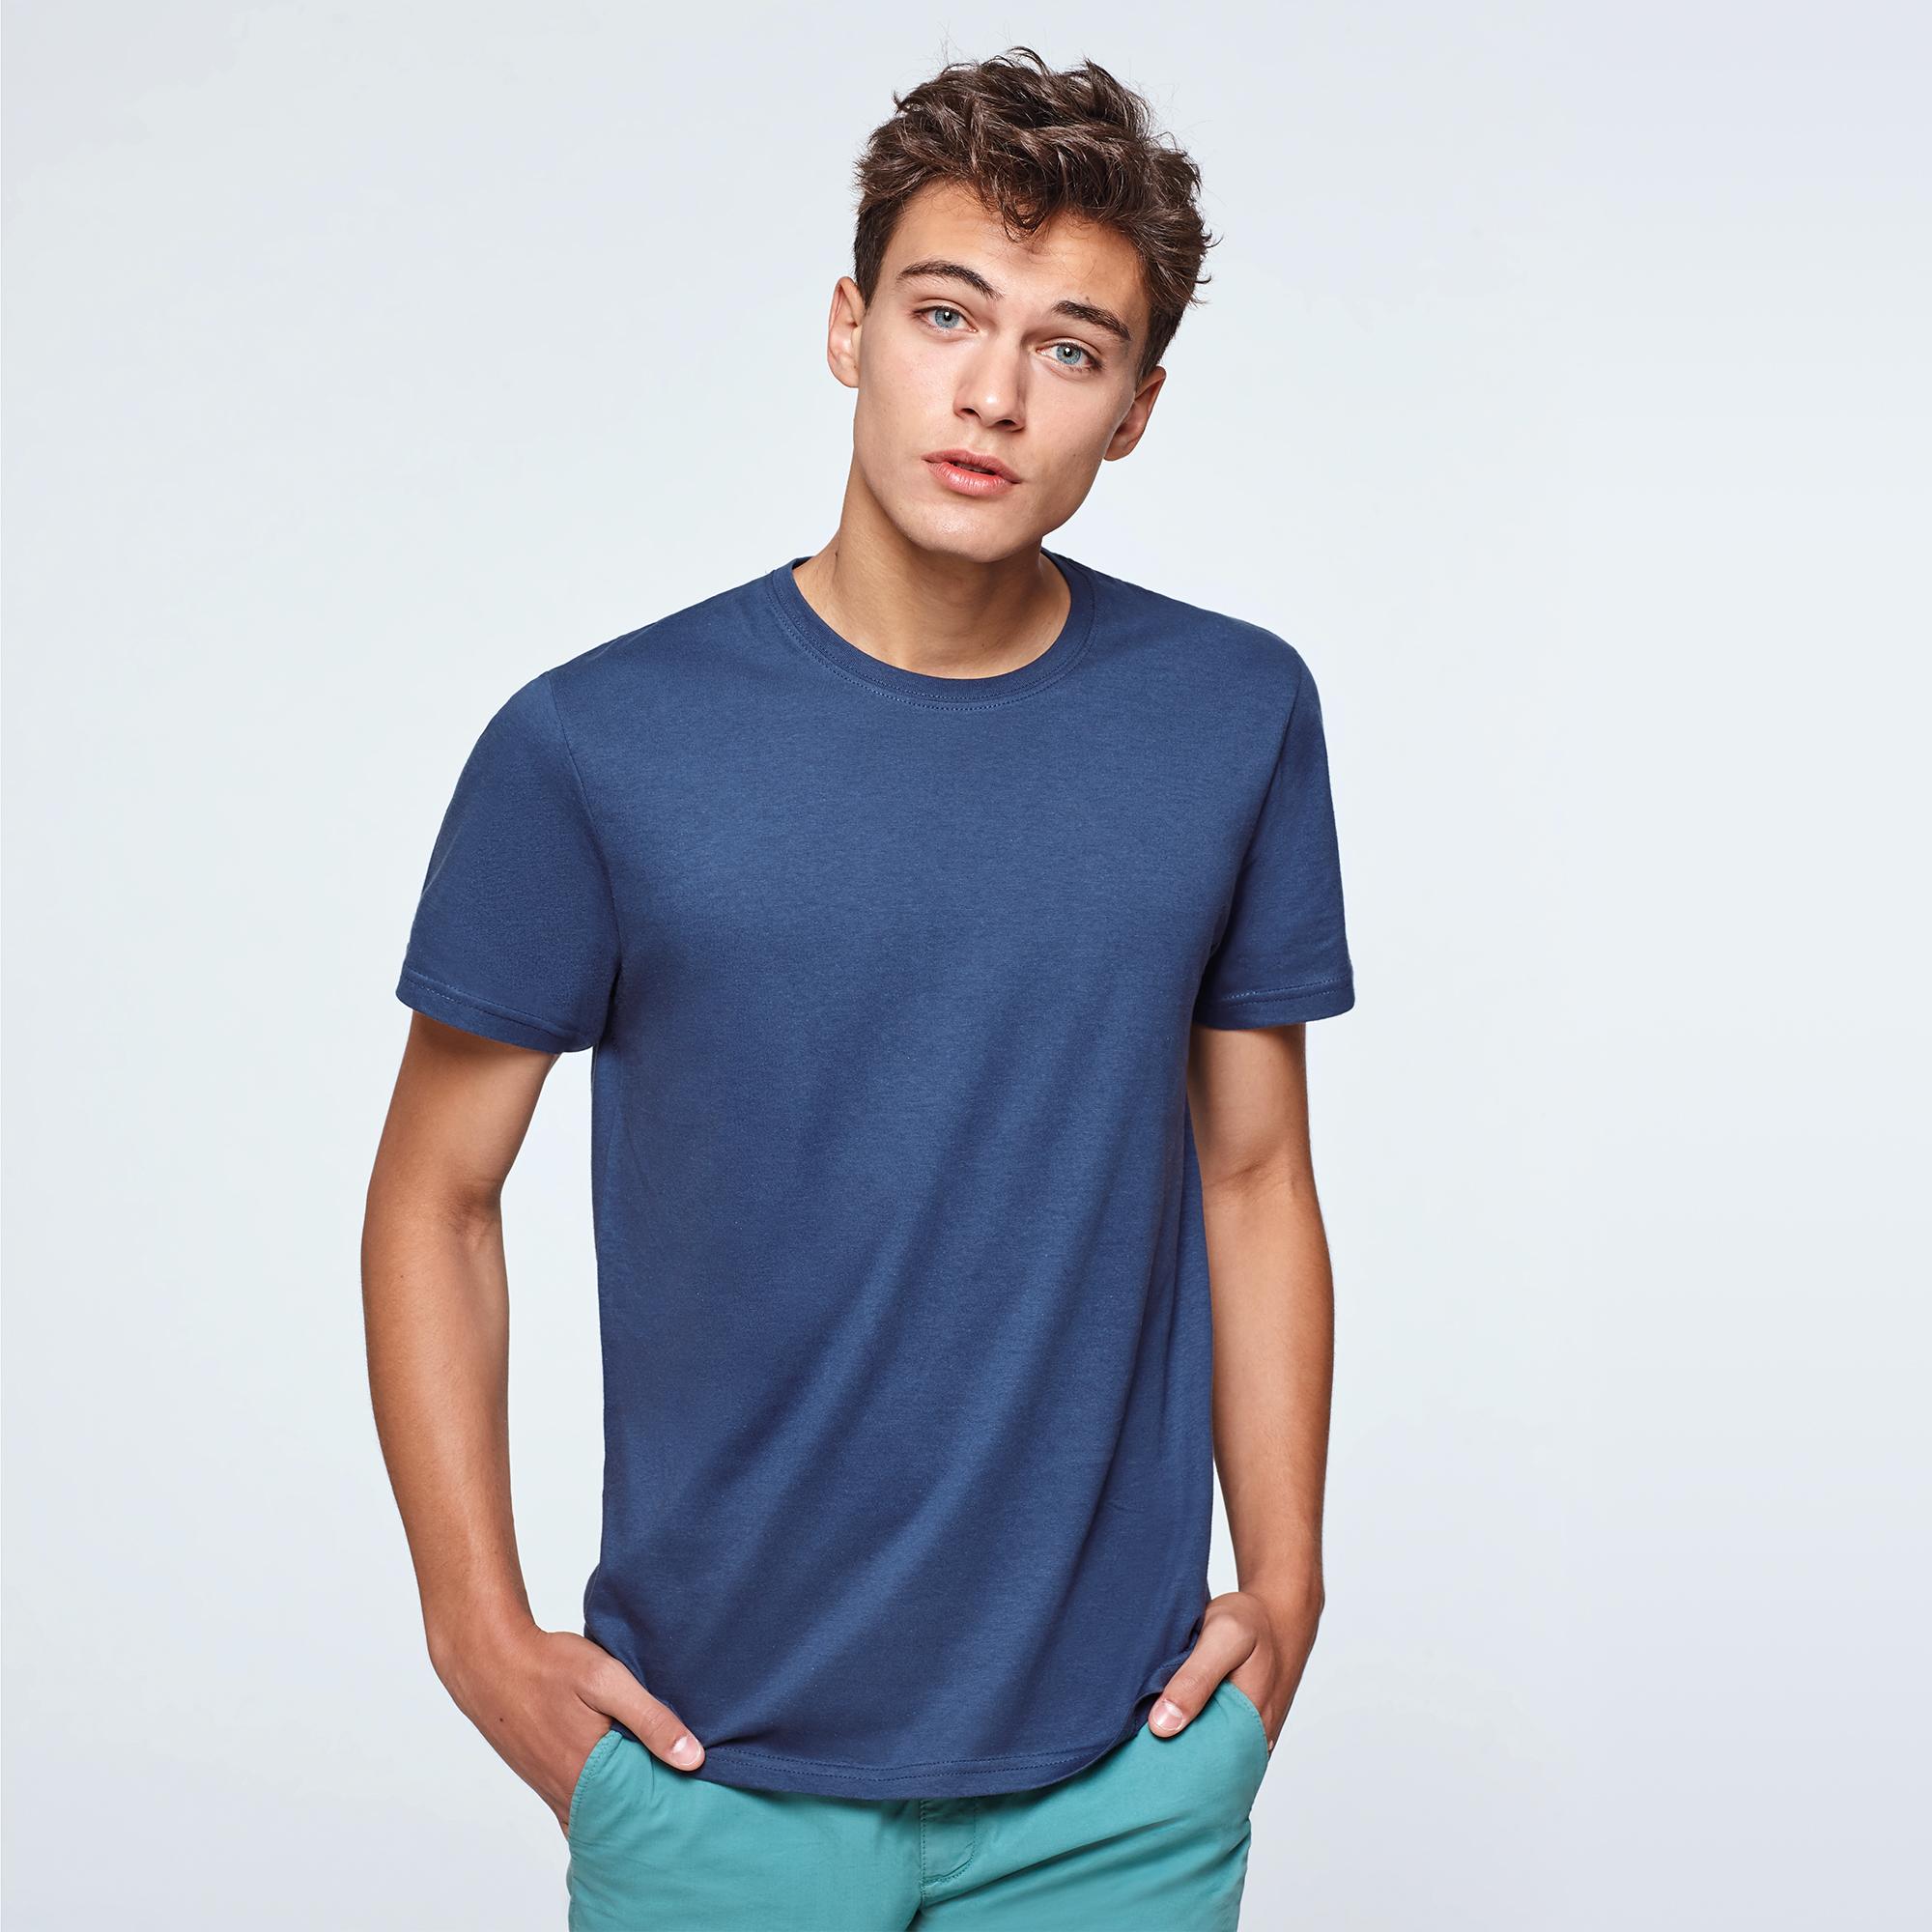 cdc14b6855 Camisetas algodon Rolly para adultos y niños  Precios muy económicos!